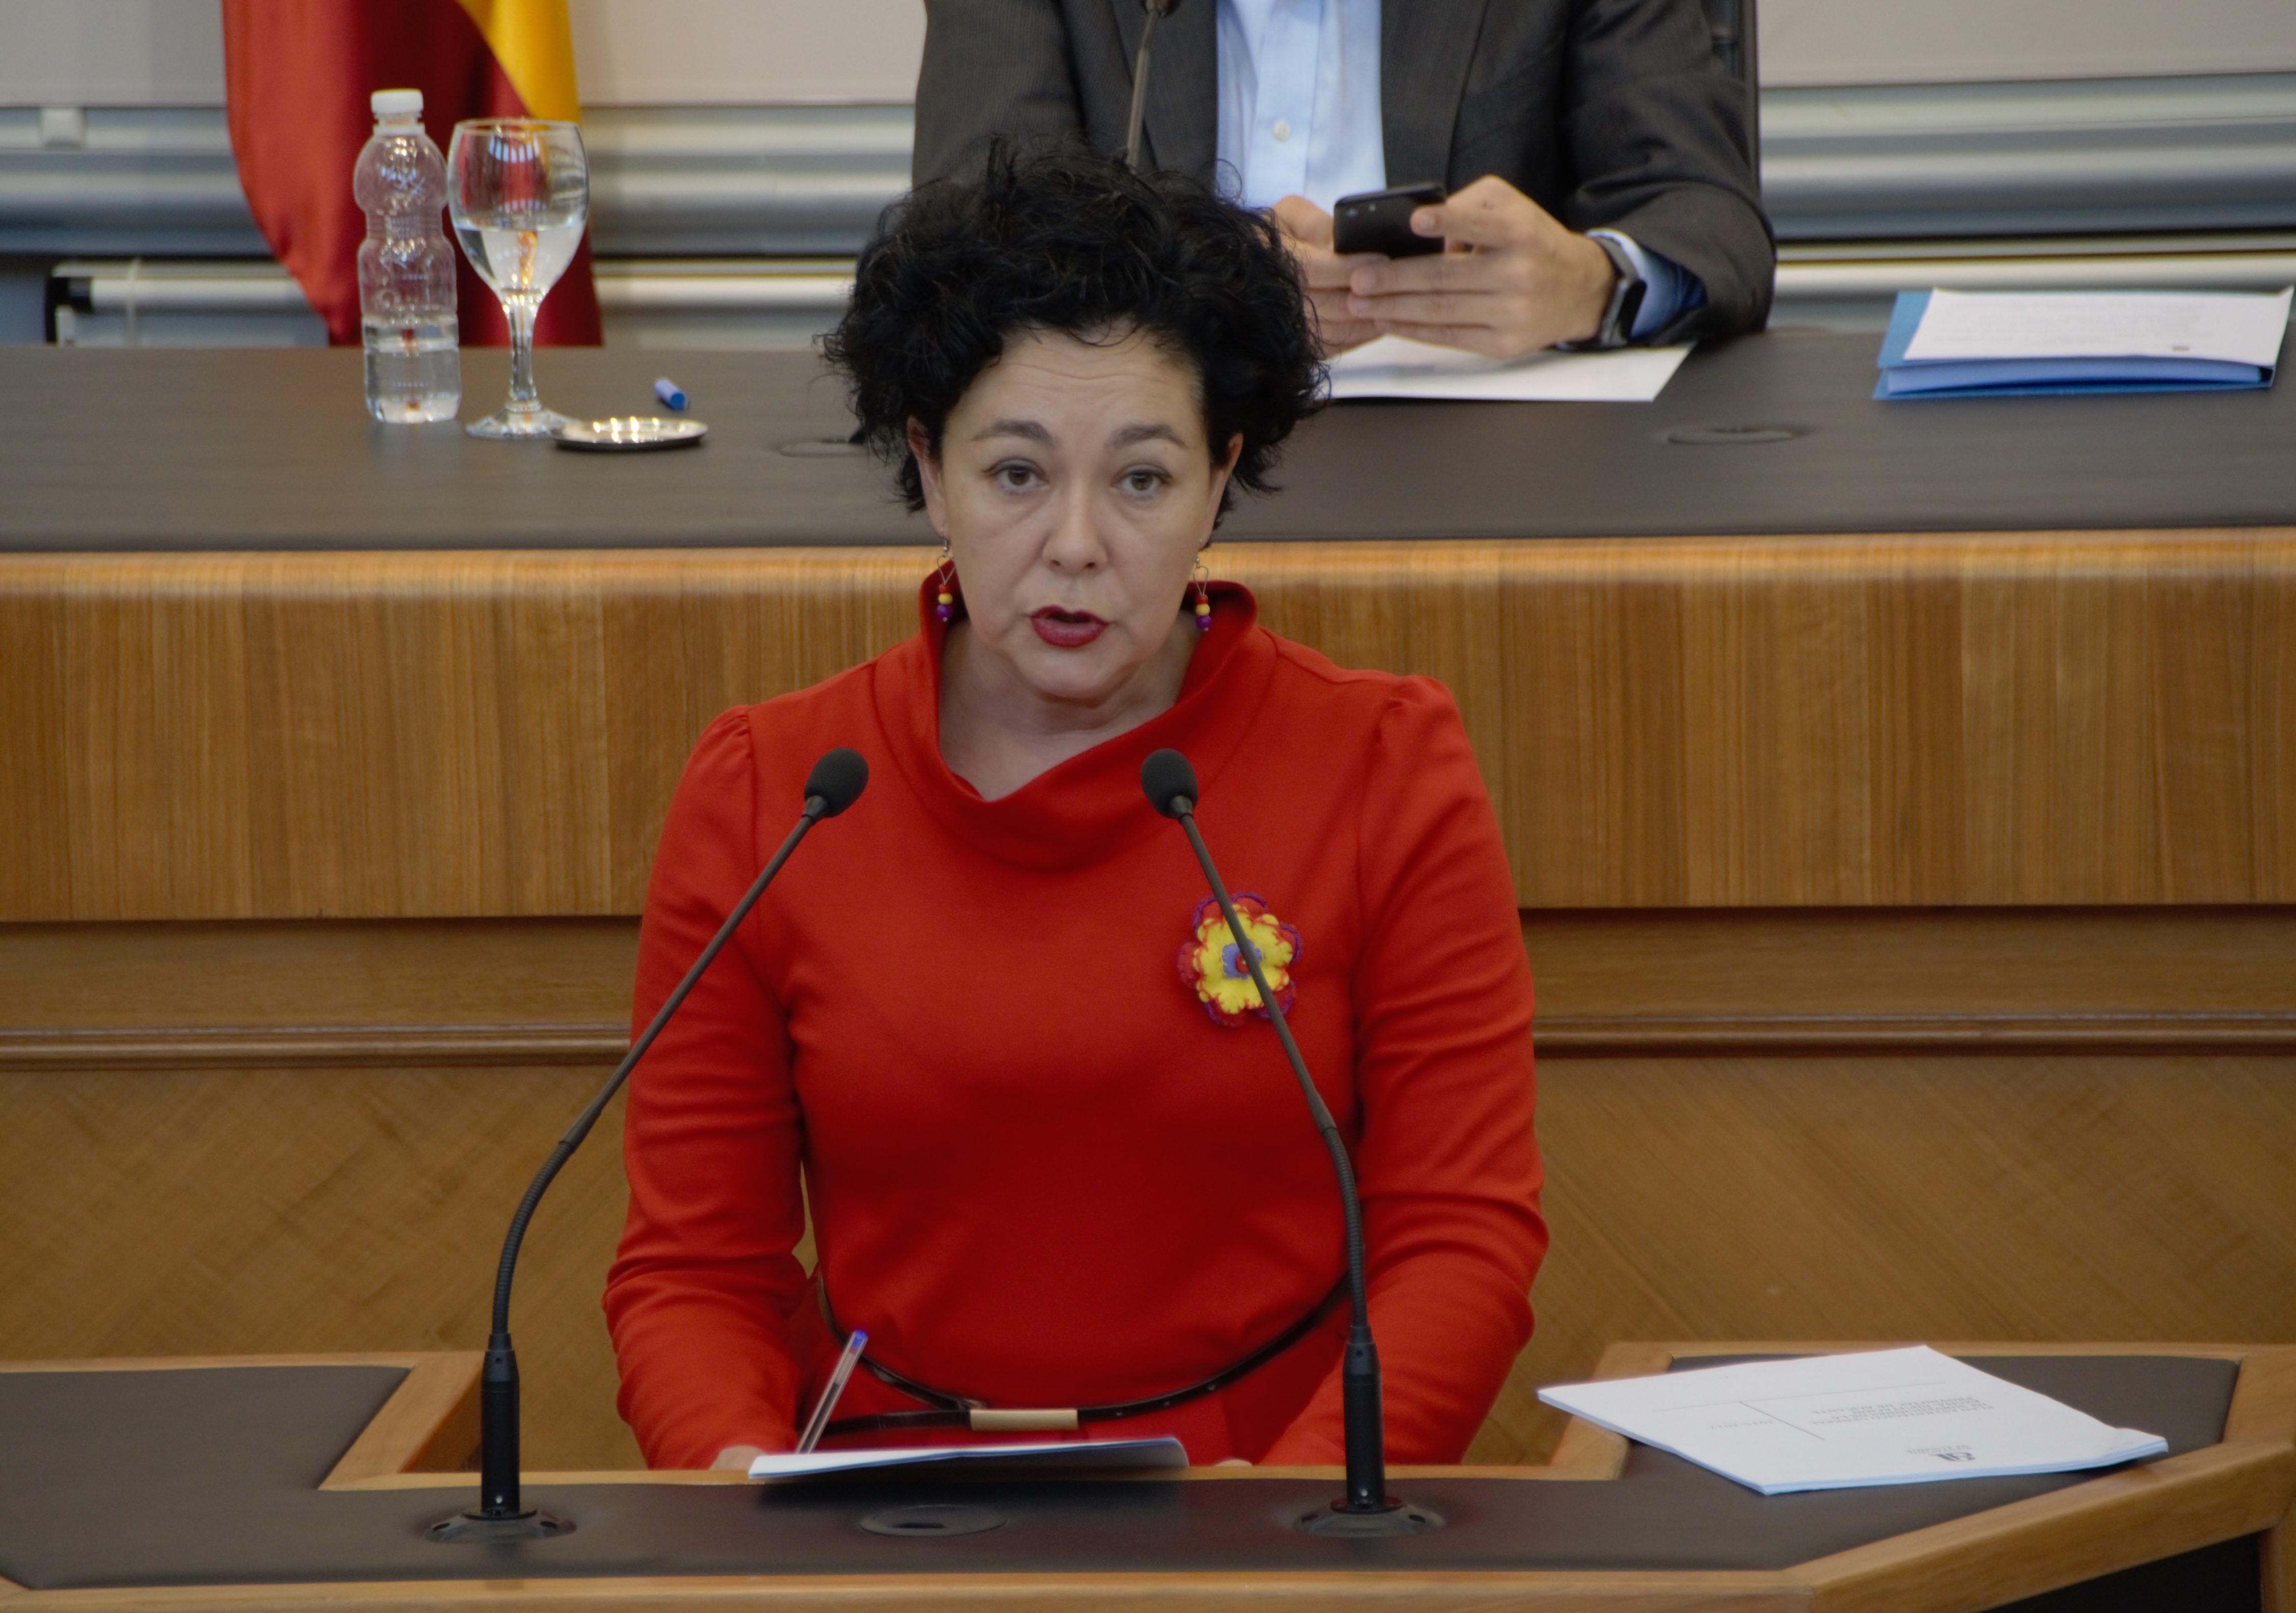 La Diputació oculta deliberadament els justificants de pagament de 90.000 euros de la Cambra de Comerç